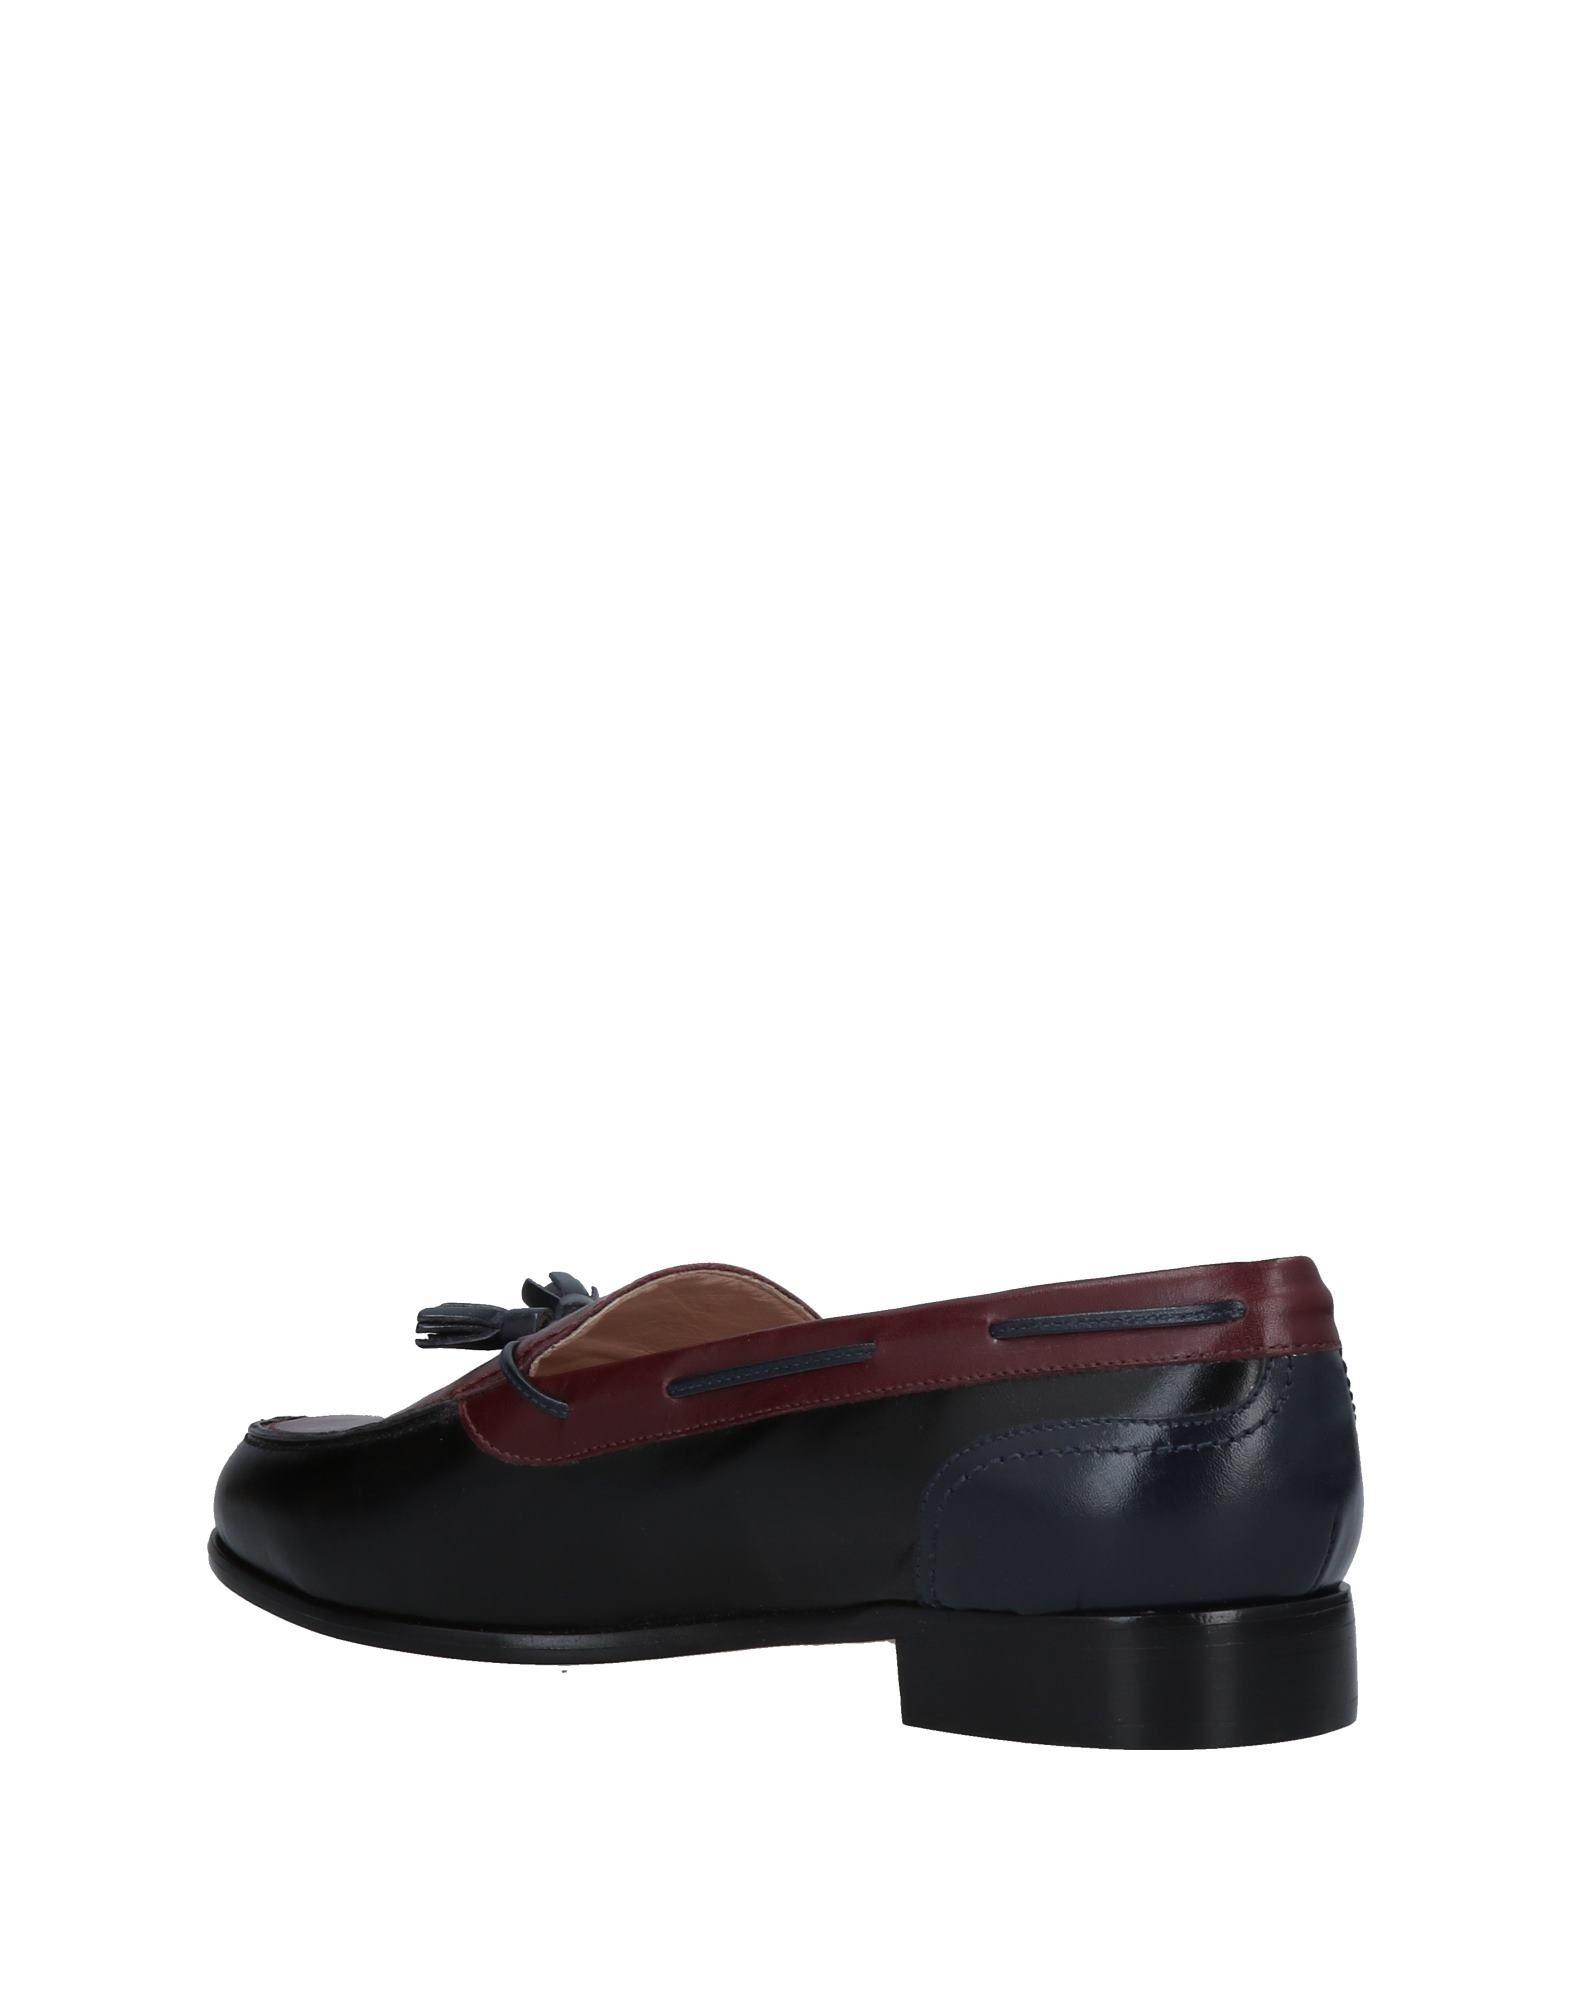 Gut um Mokassins billige Schuhe zu tragenCavallini Mokassins um Damen  11488110XL 1d332d